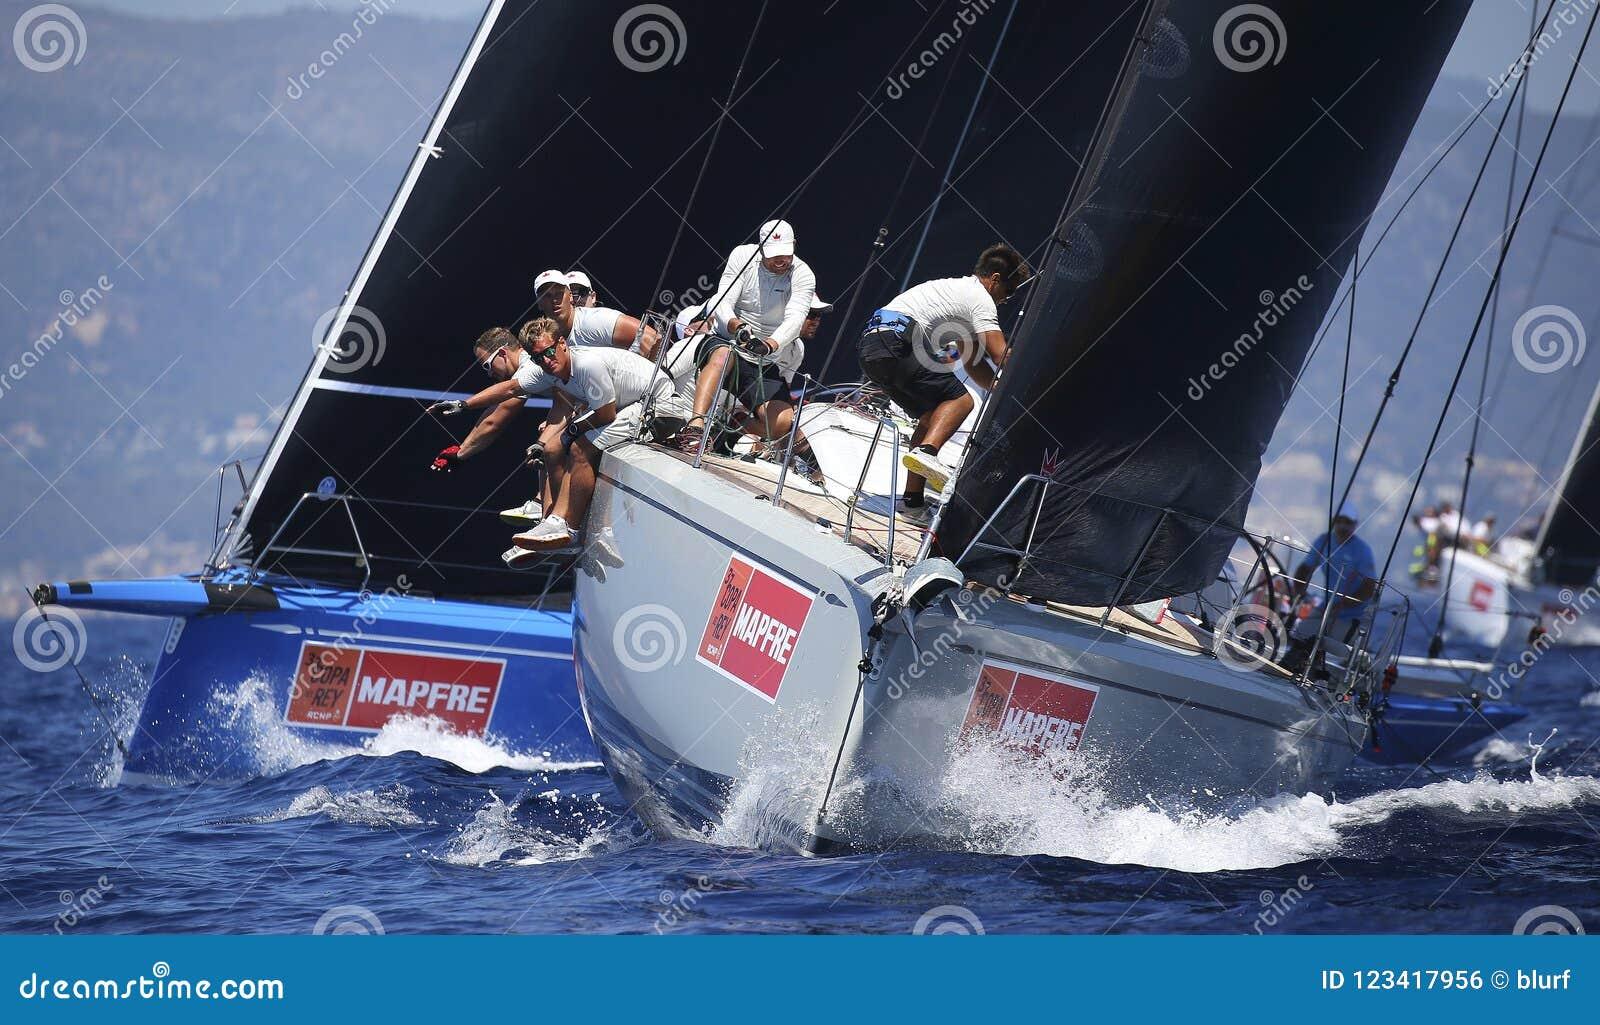 Mannschaft bei der Arbeit während der Segelnregatta